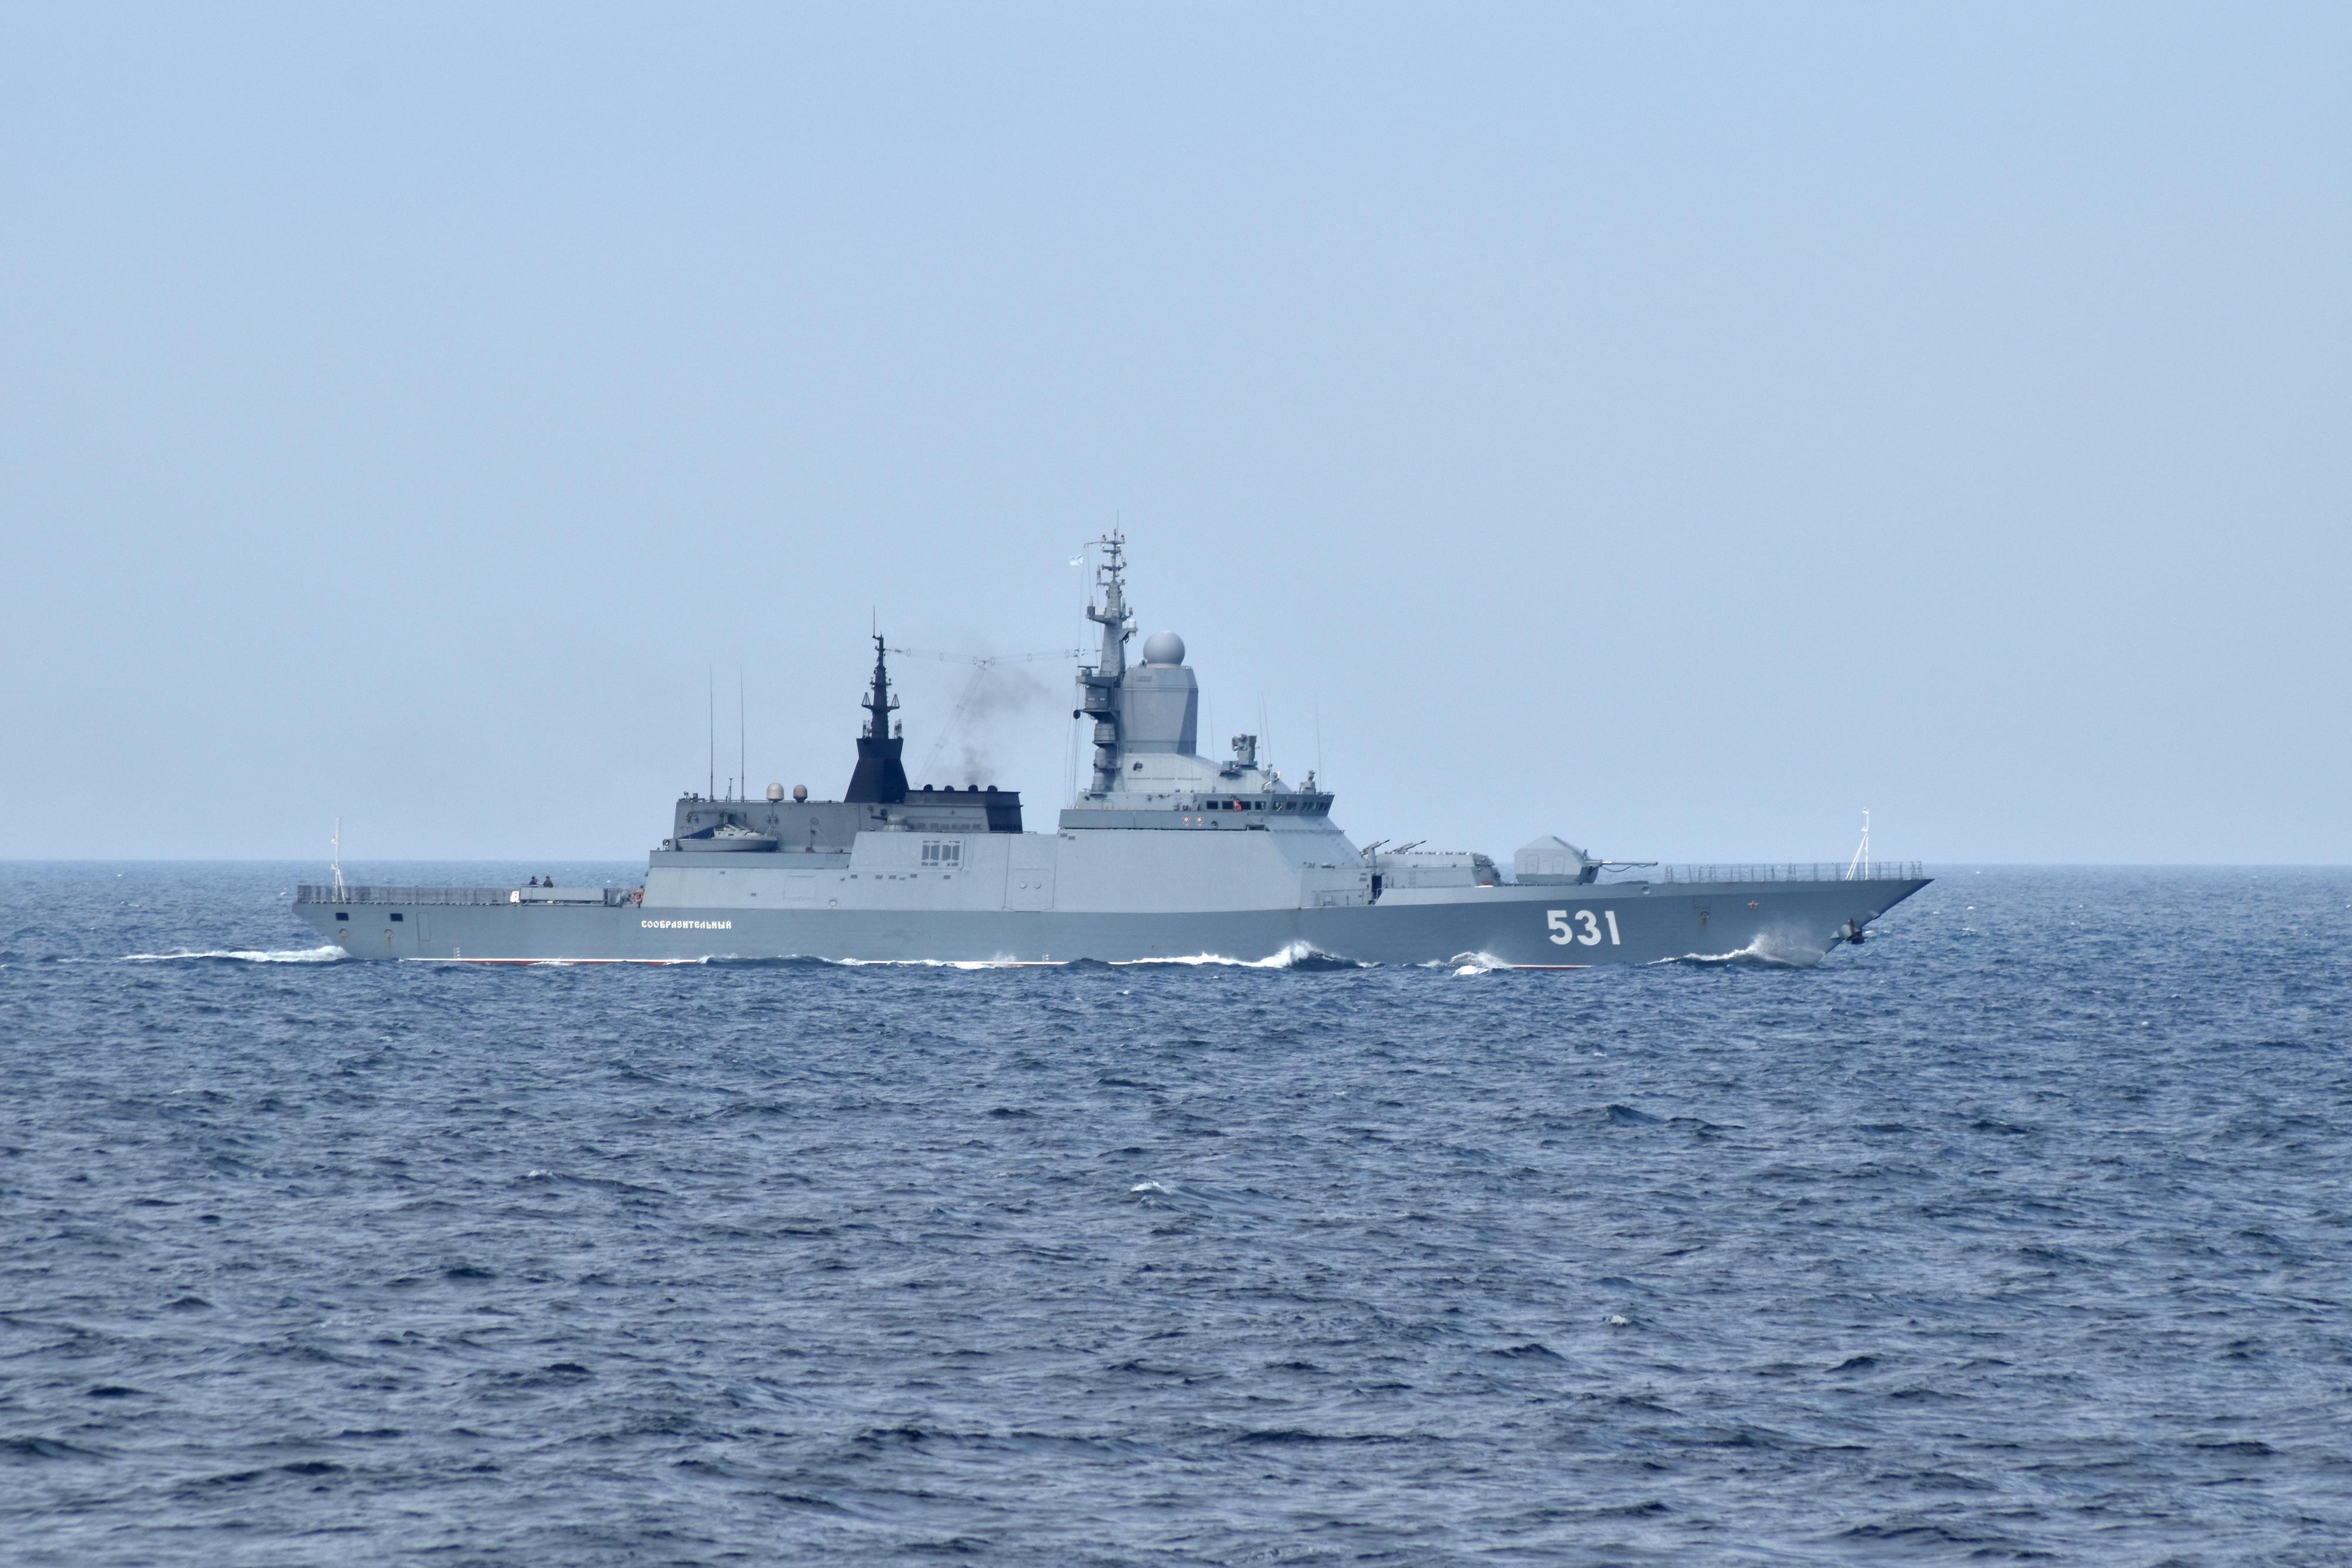 Самый большой военный корабль в мире фото можно заказать